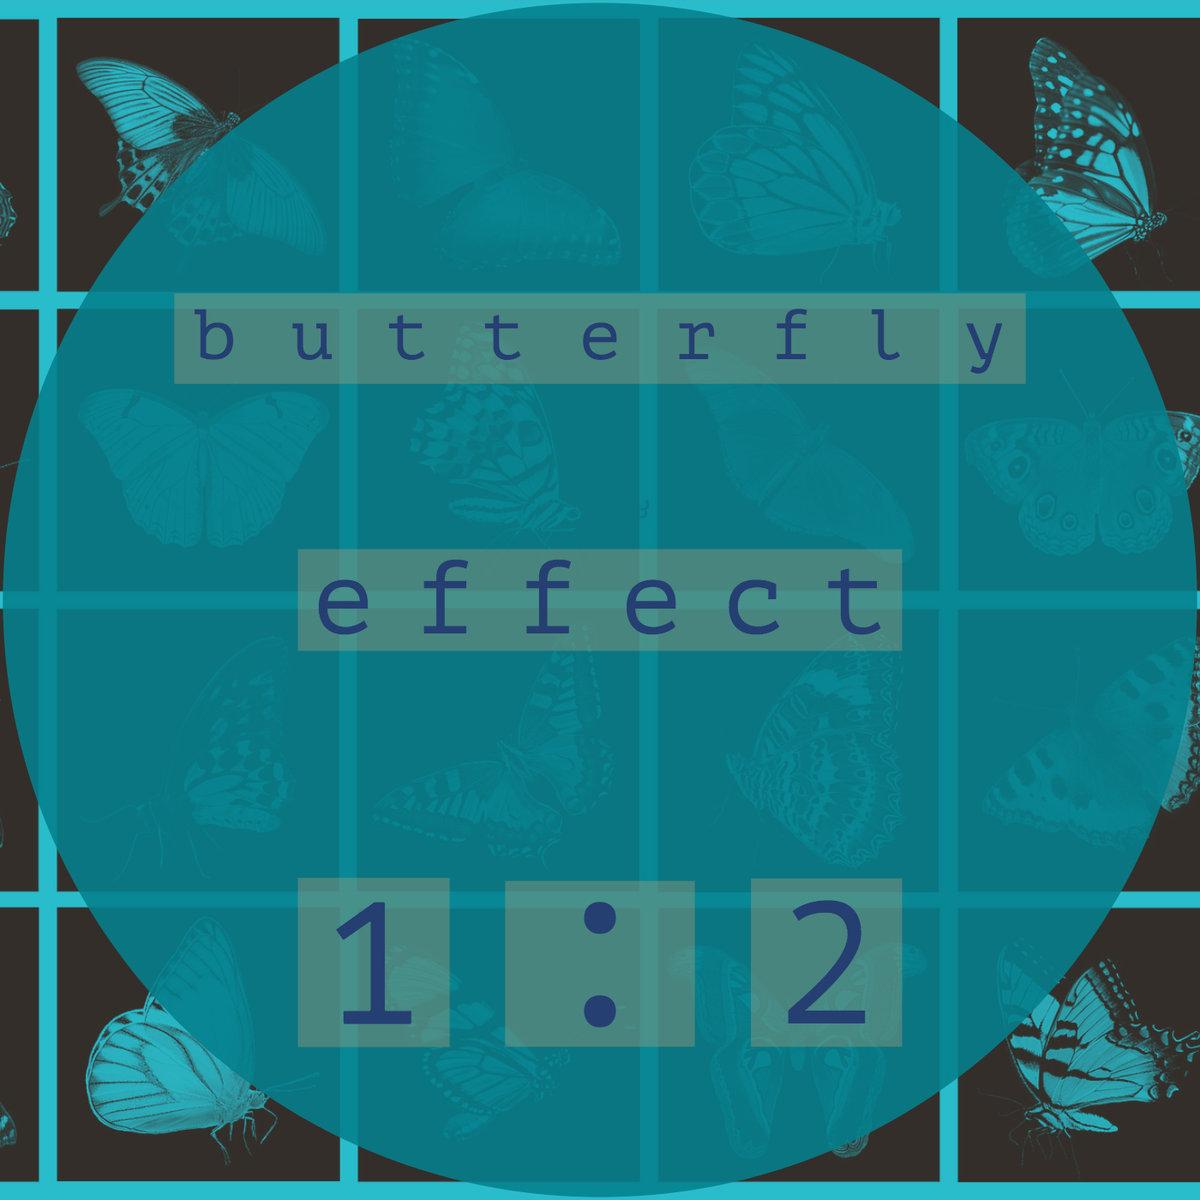 Listen Now: 1:2 - butterfly effect